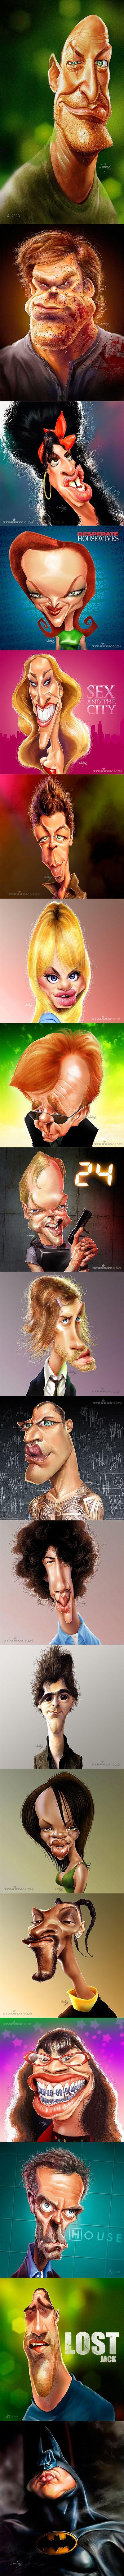 Работы Anthony Geoffroy Карикатуры